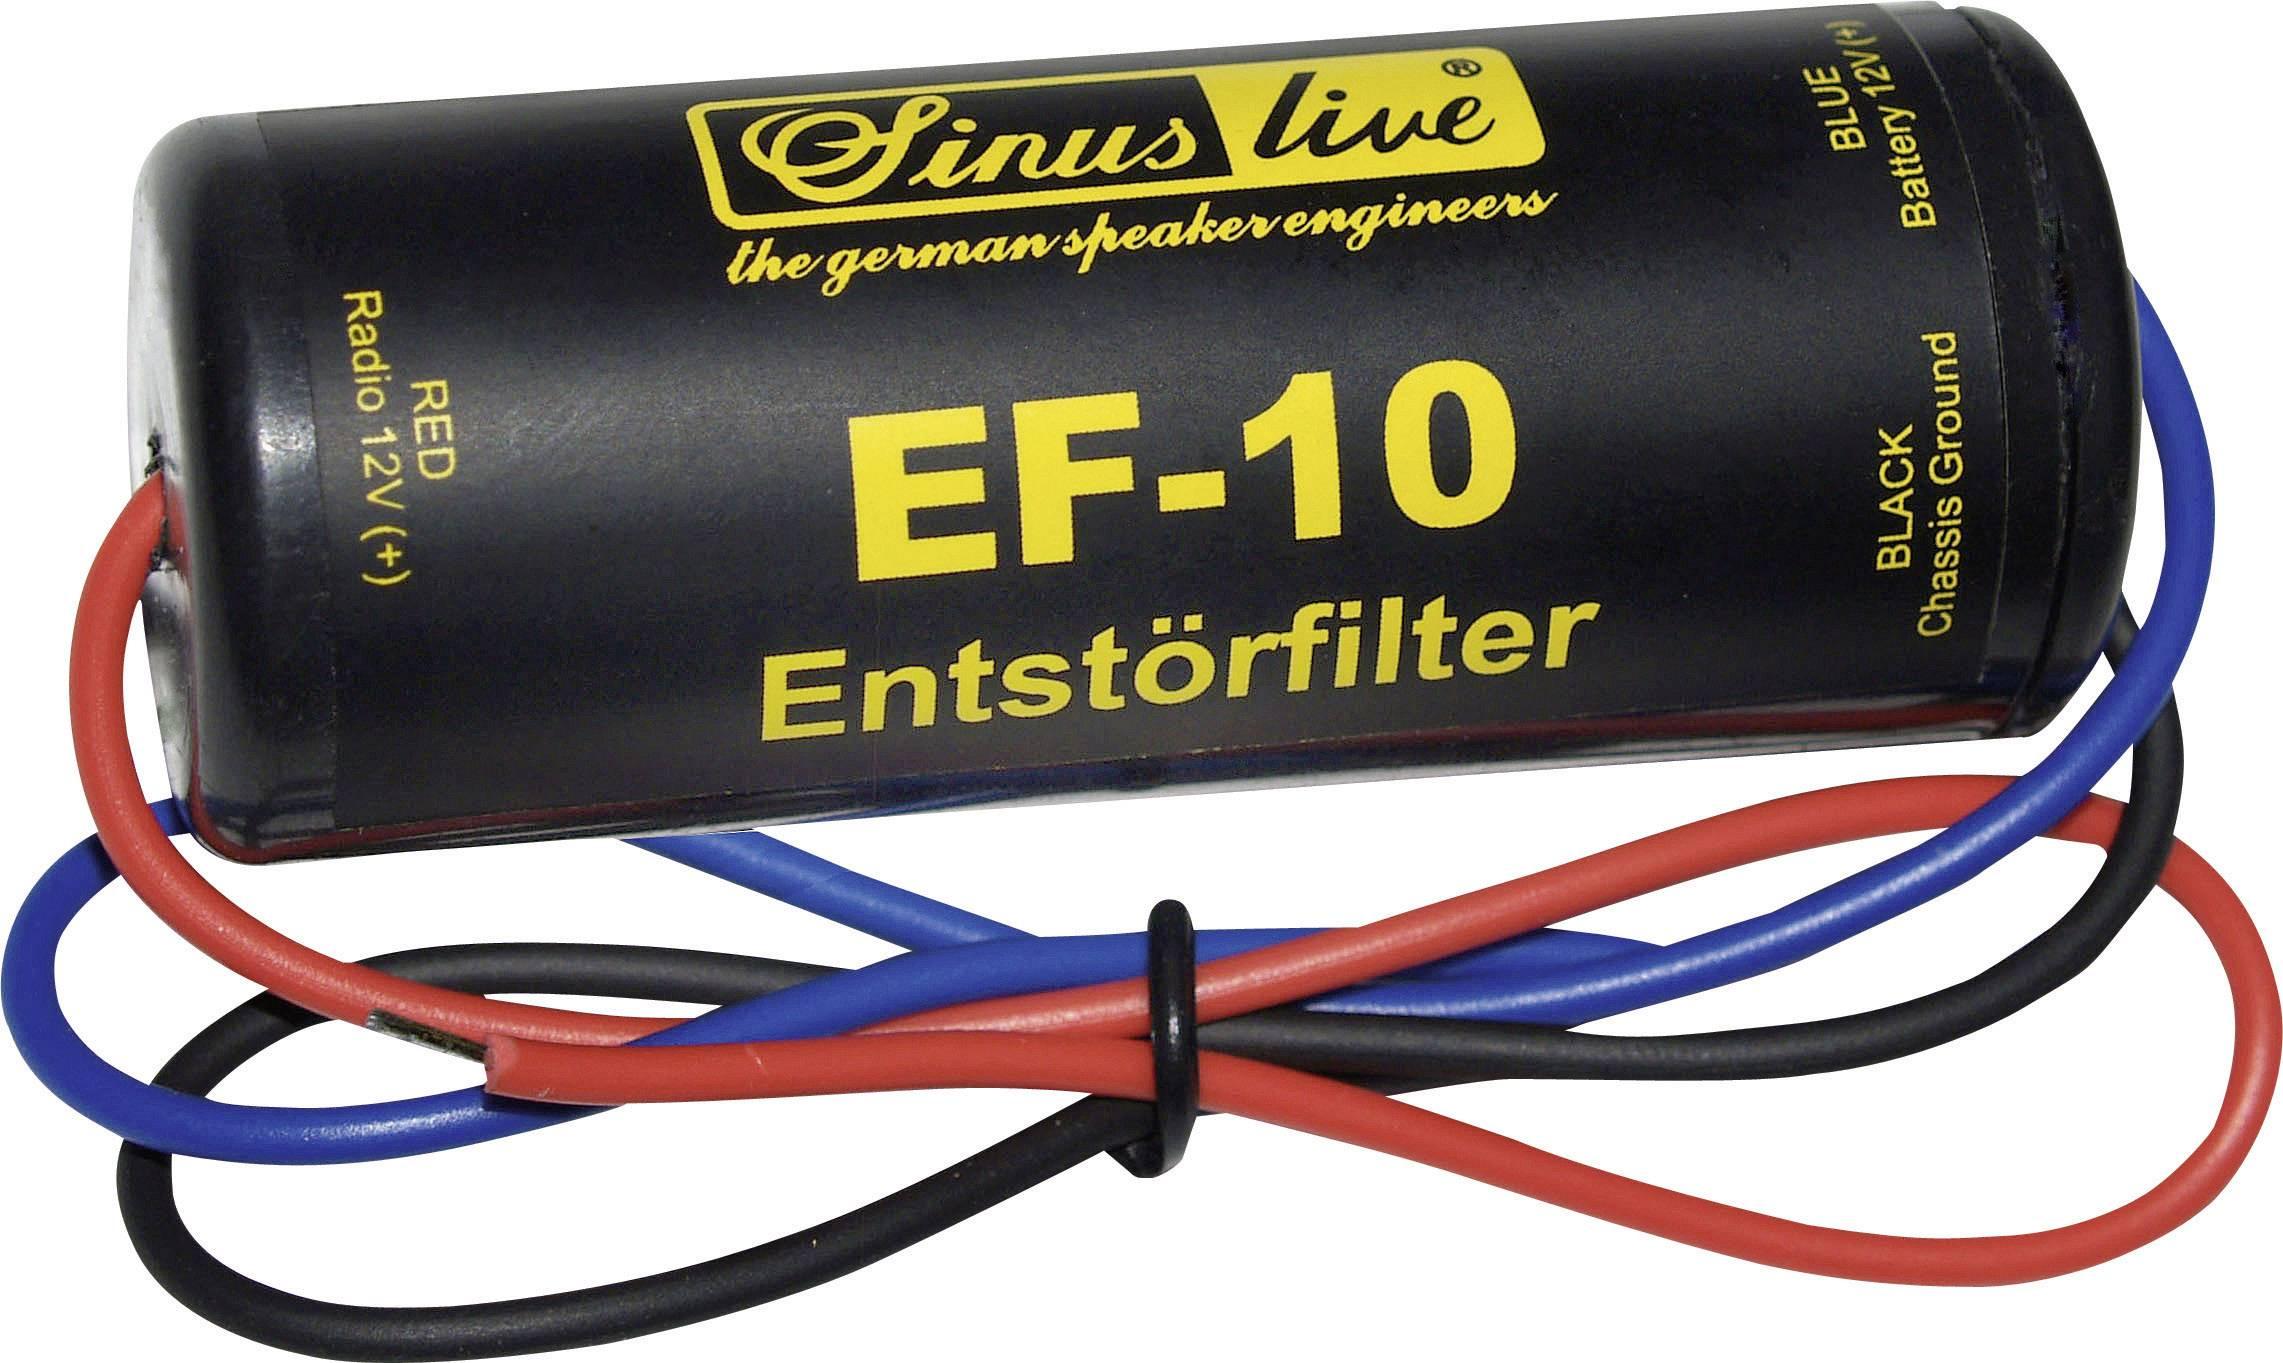 Sinuslive EF-10 EF-10